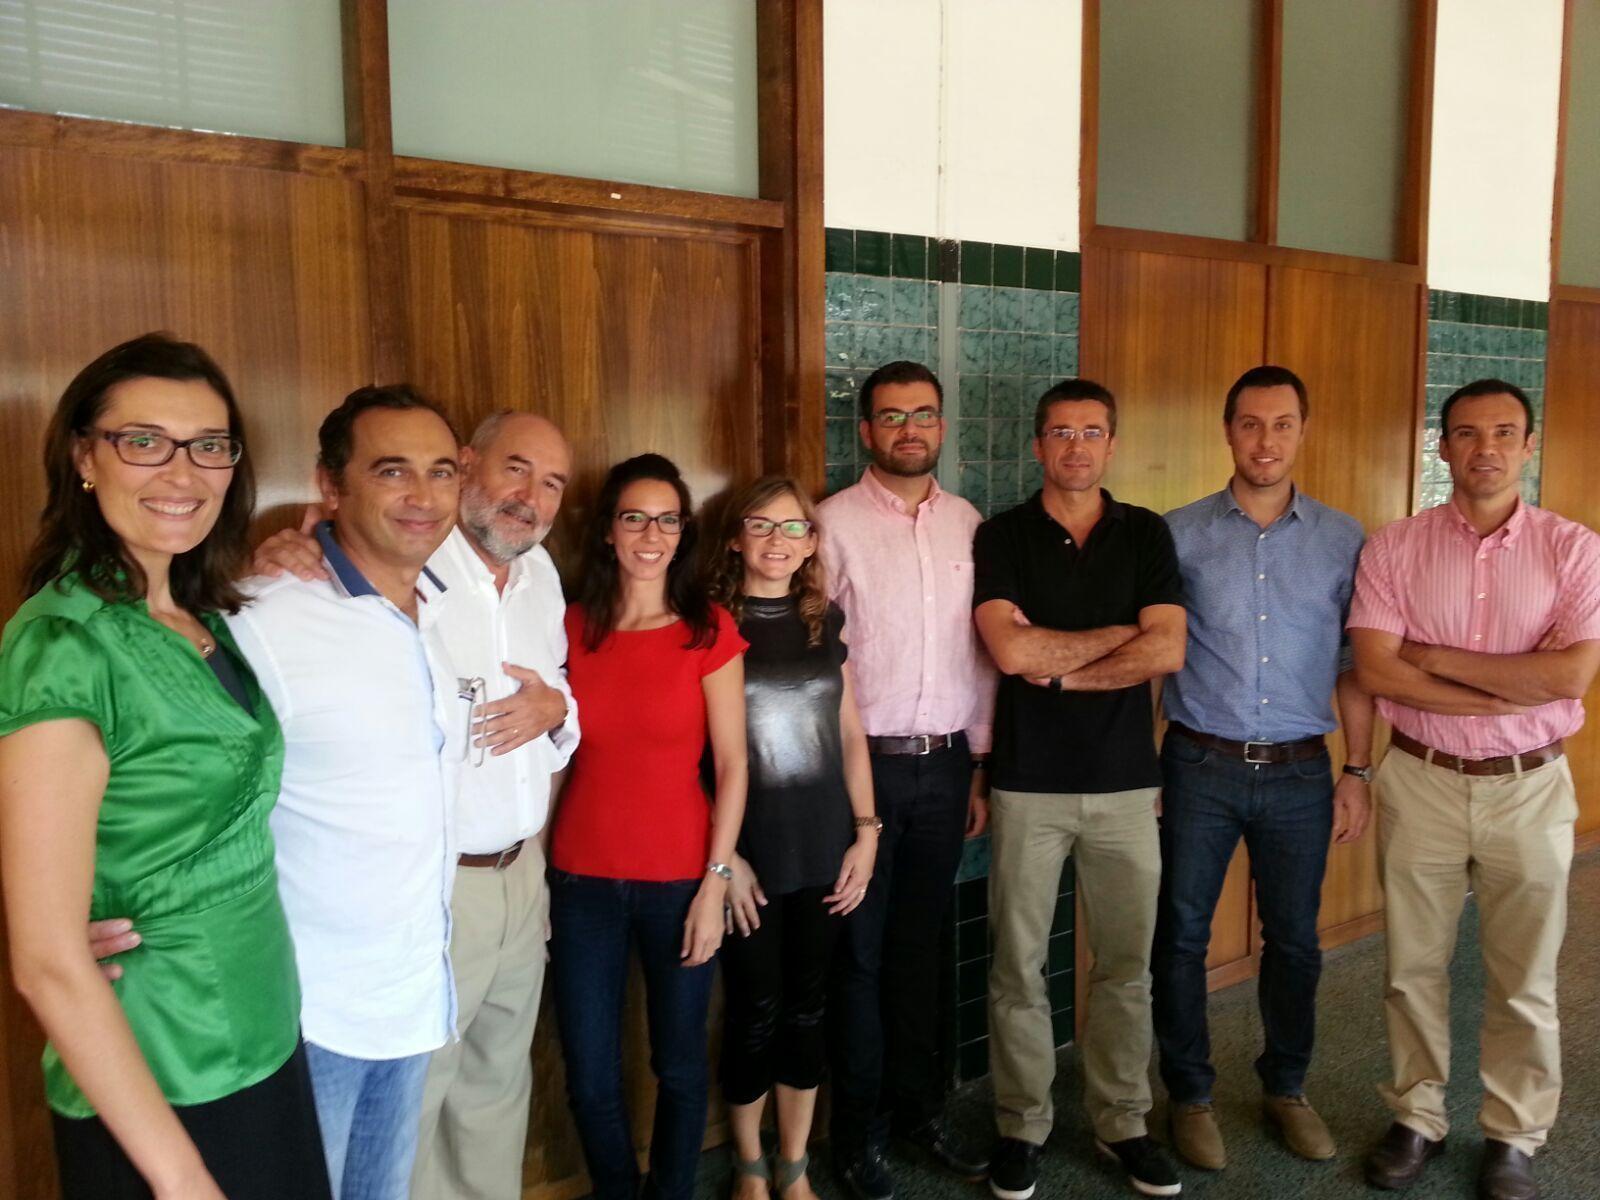 Nuevos cargos en Fisioterapia. Los profesores veteranos de Fisioterapia CEU-UCH